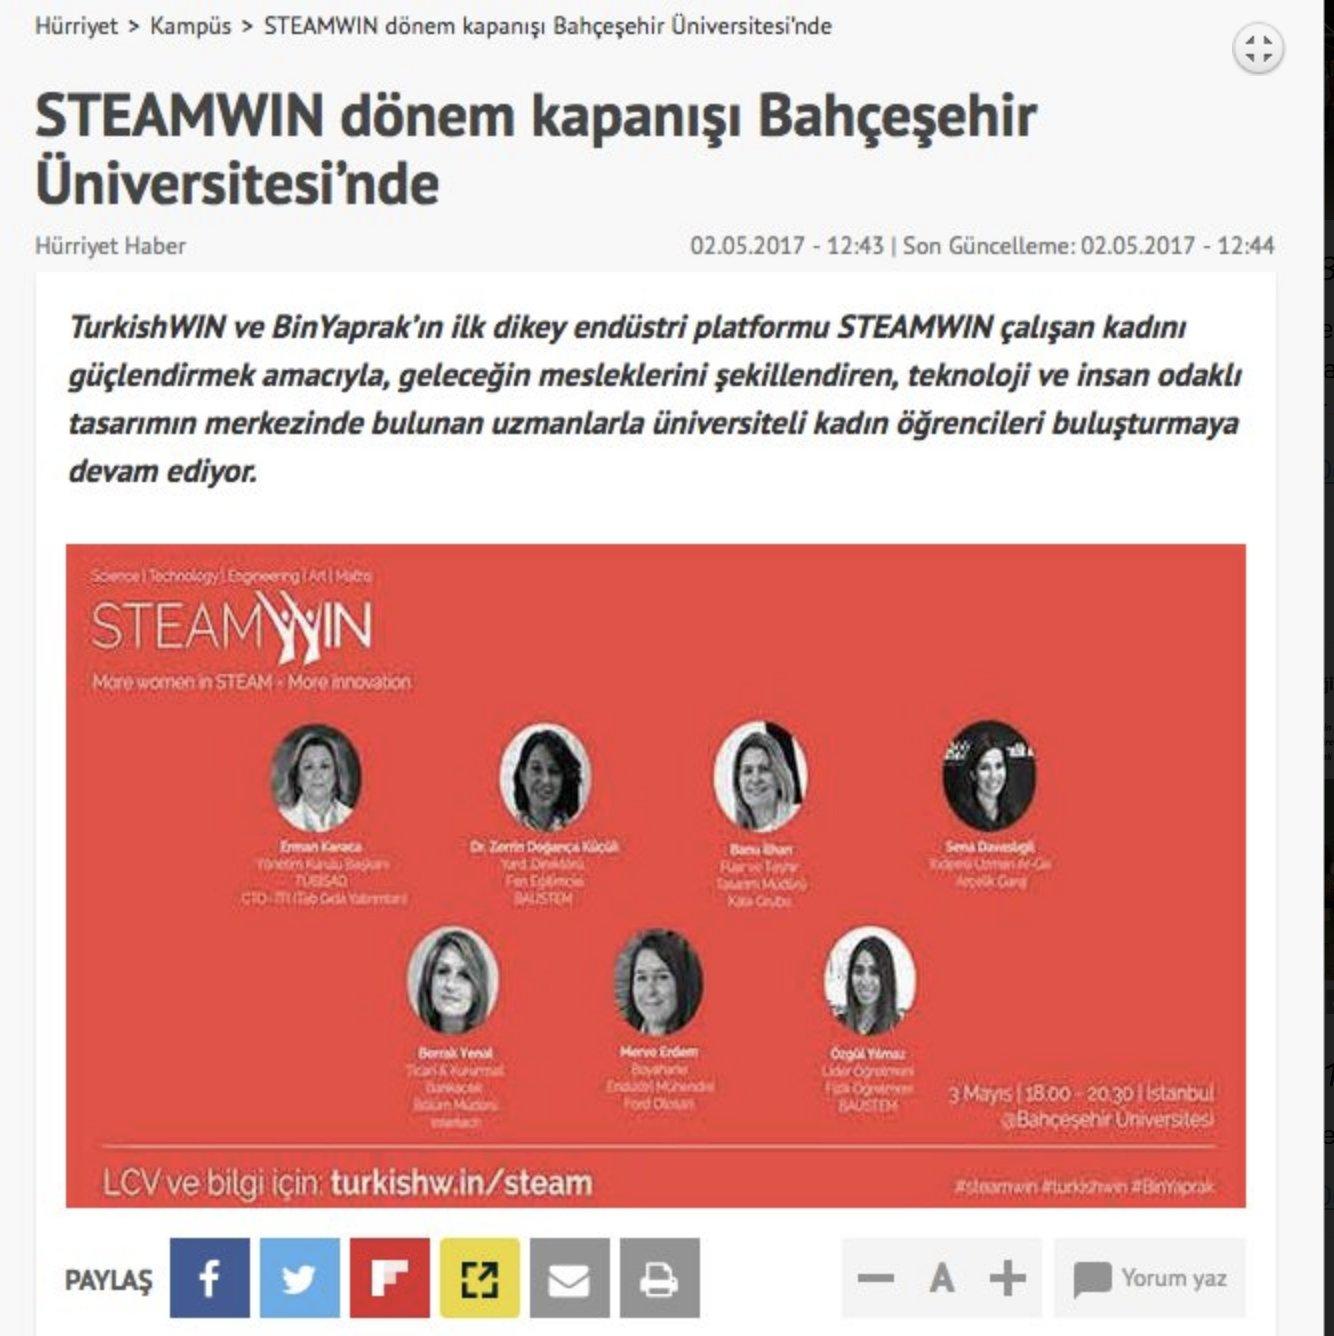 TurkishWIN ve BinYaprak ile işbirliğimiz